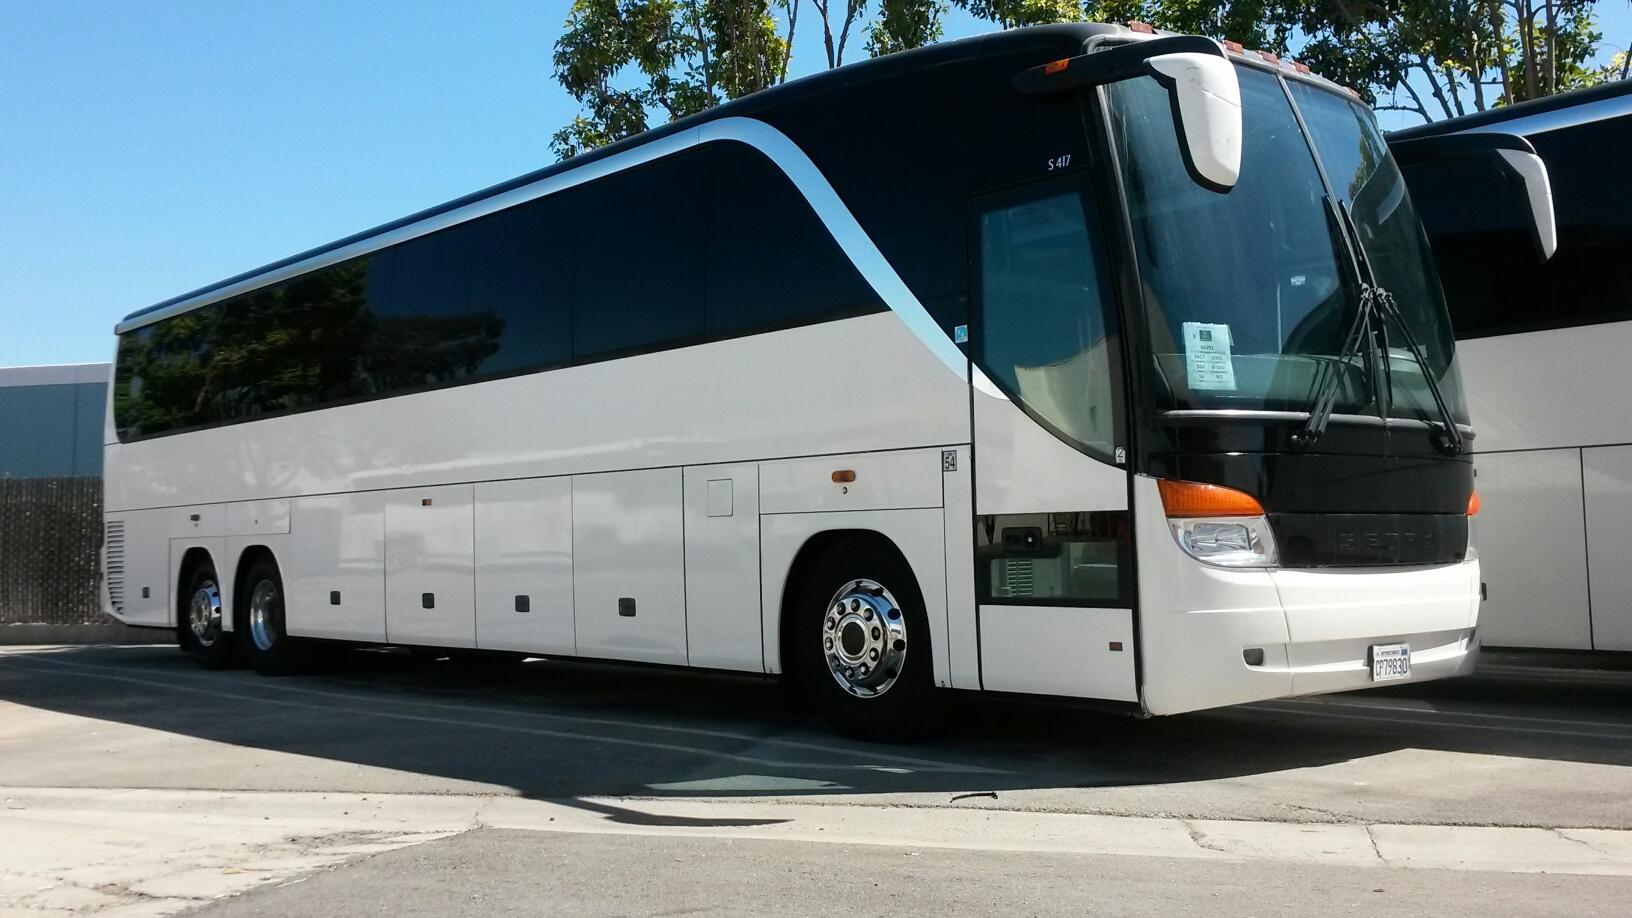 Resized on 2005 Ford E 450 Shuttle Bus